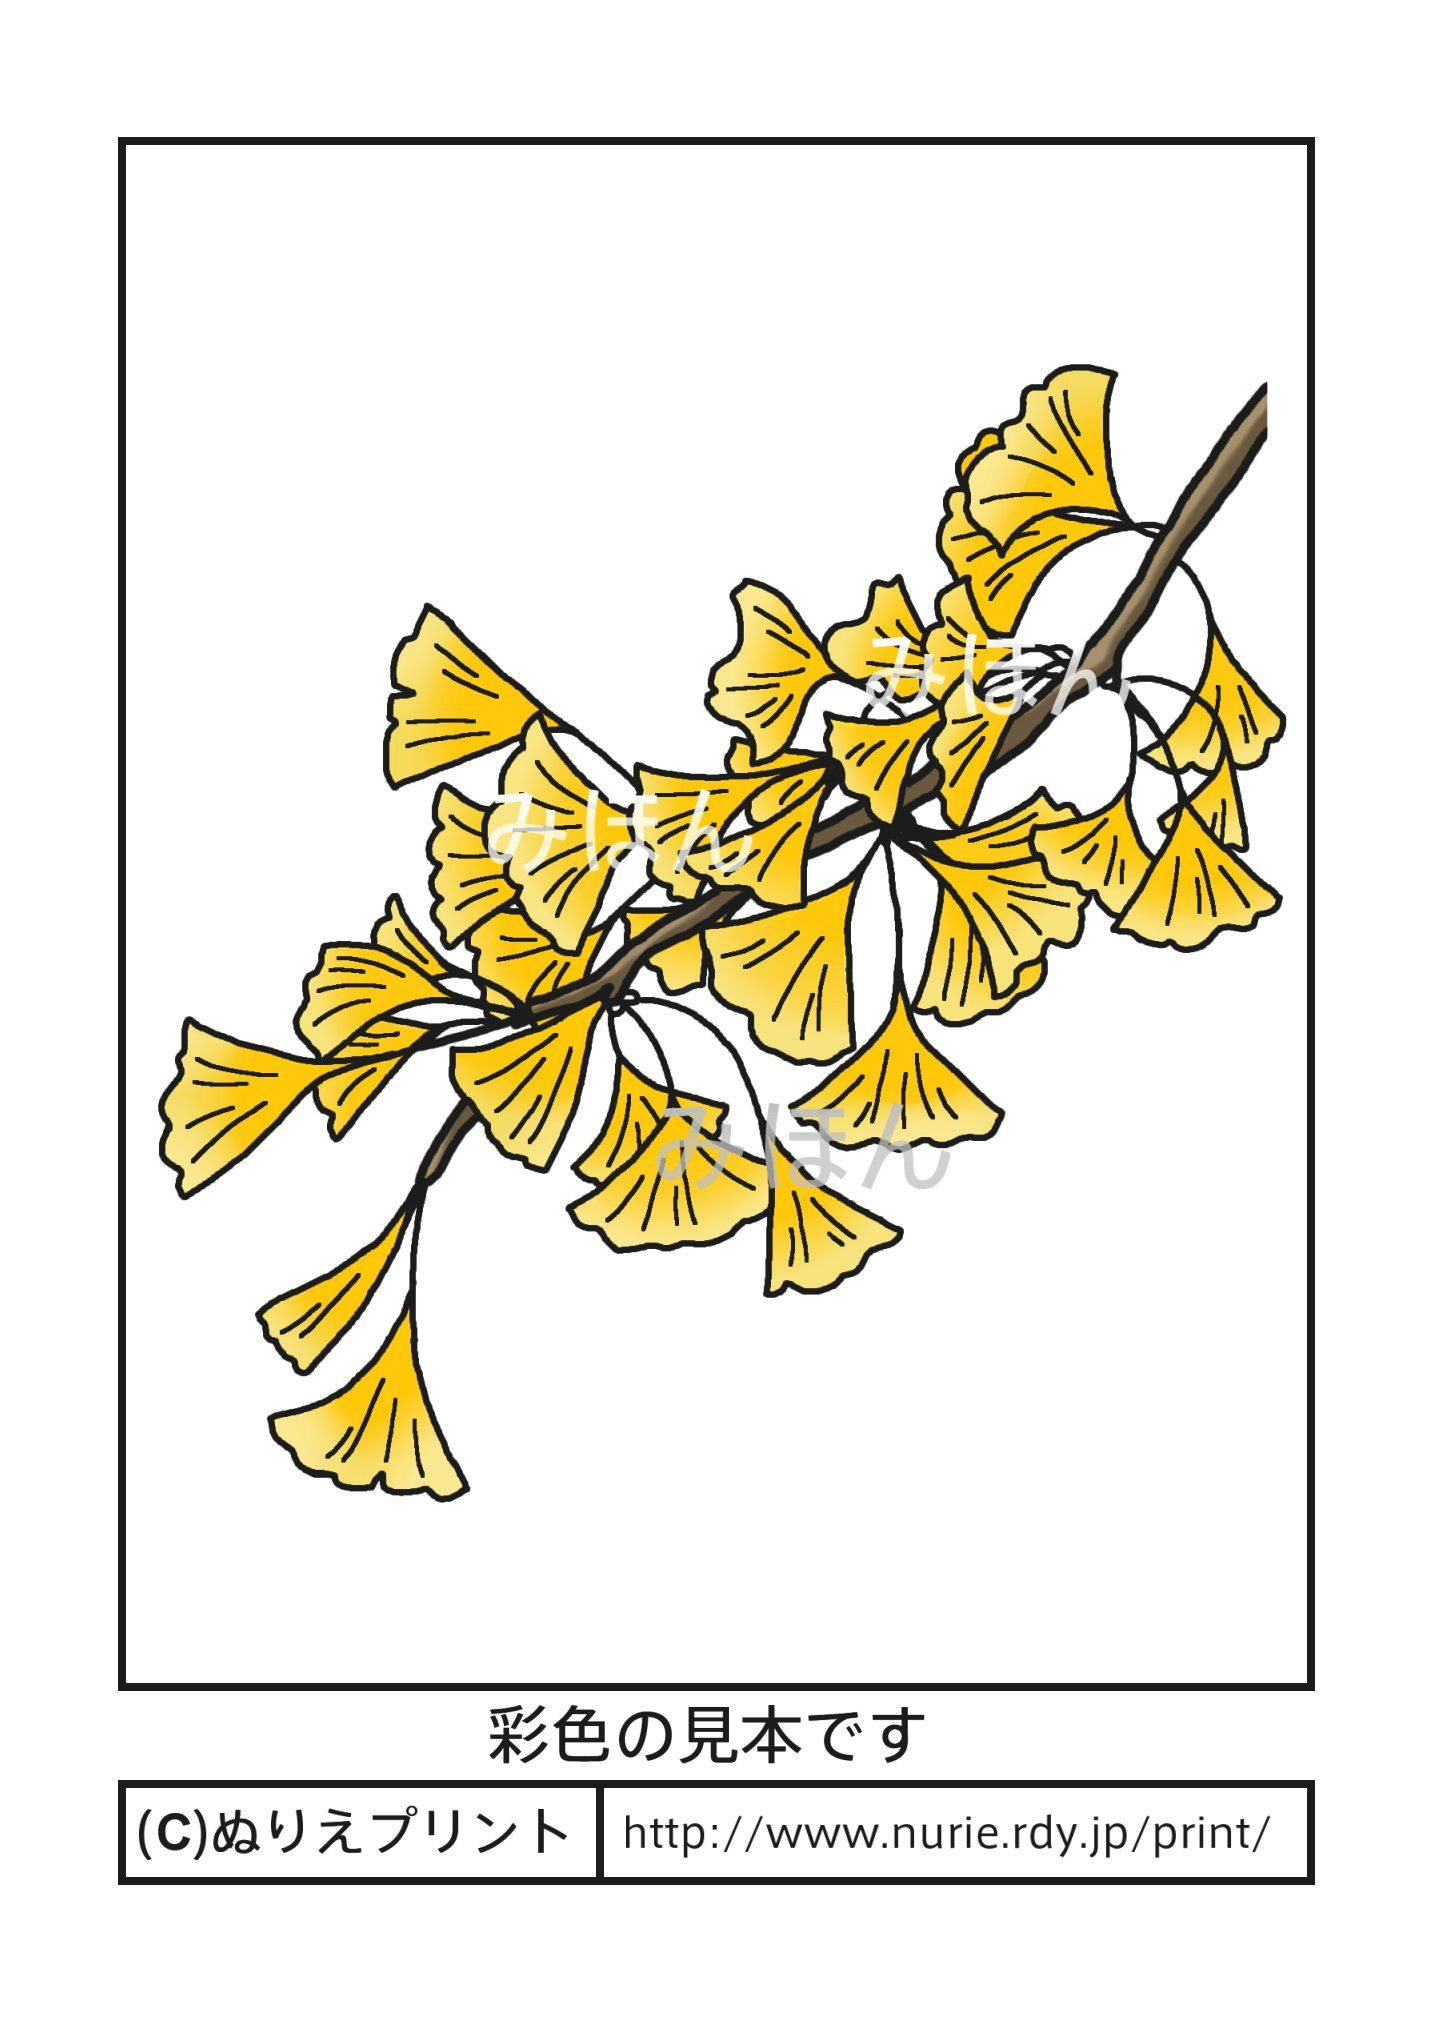 イチョウ 銀杏 彩色見本 東京都の木 無料塗り絵 都道府県 ぬりえ